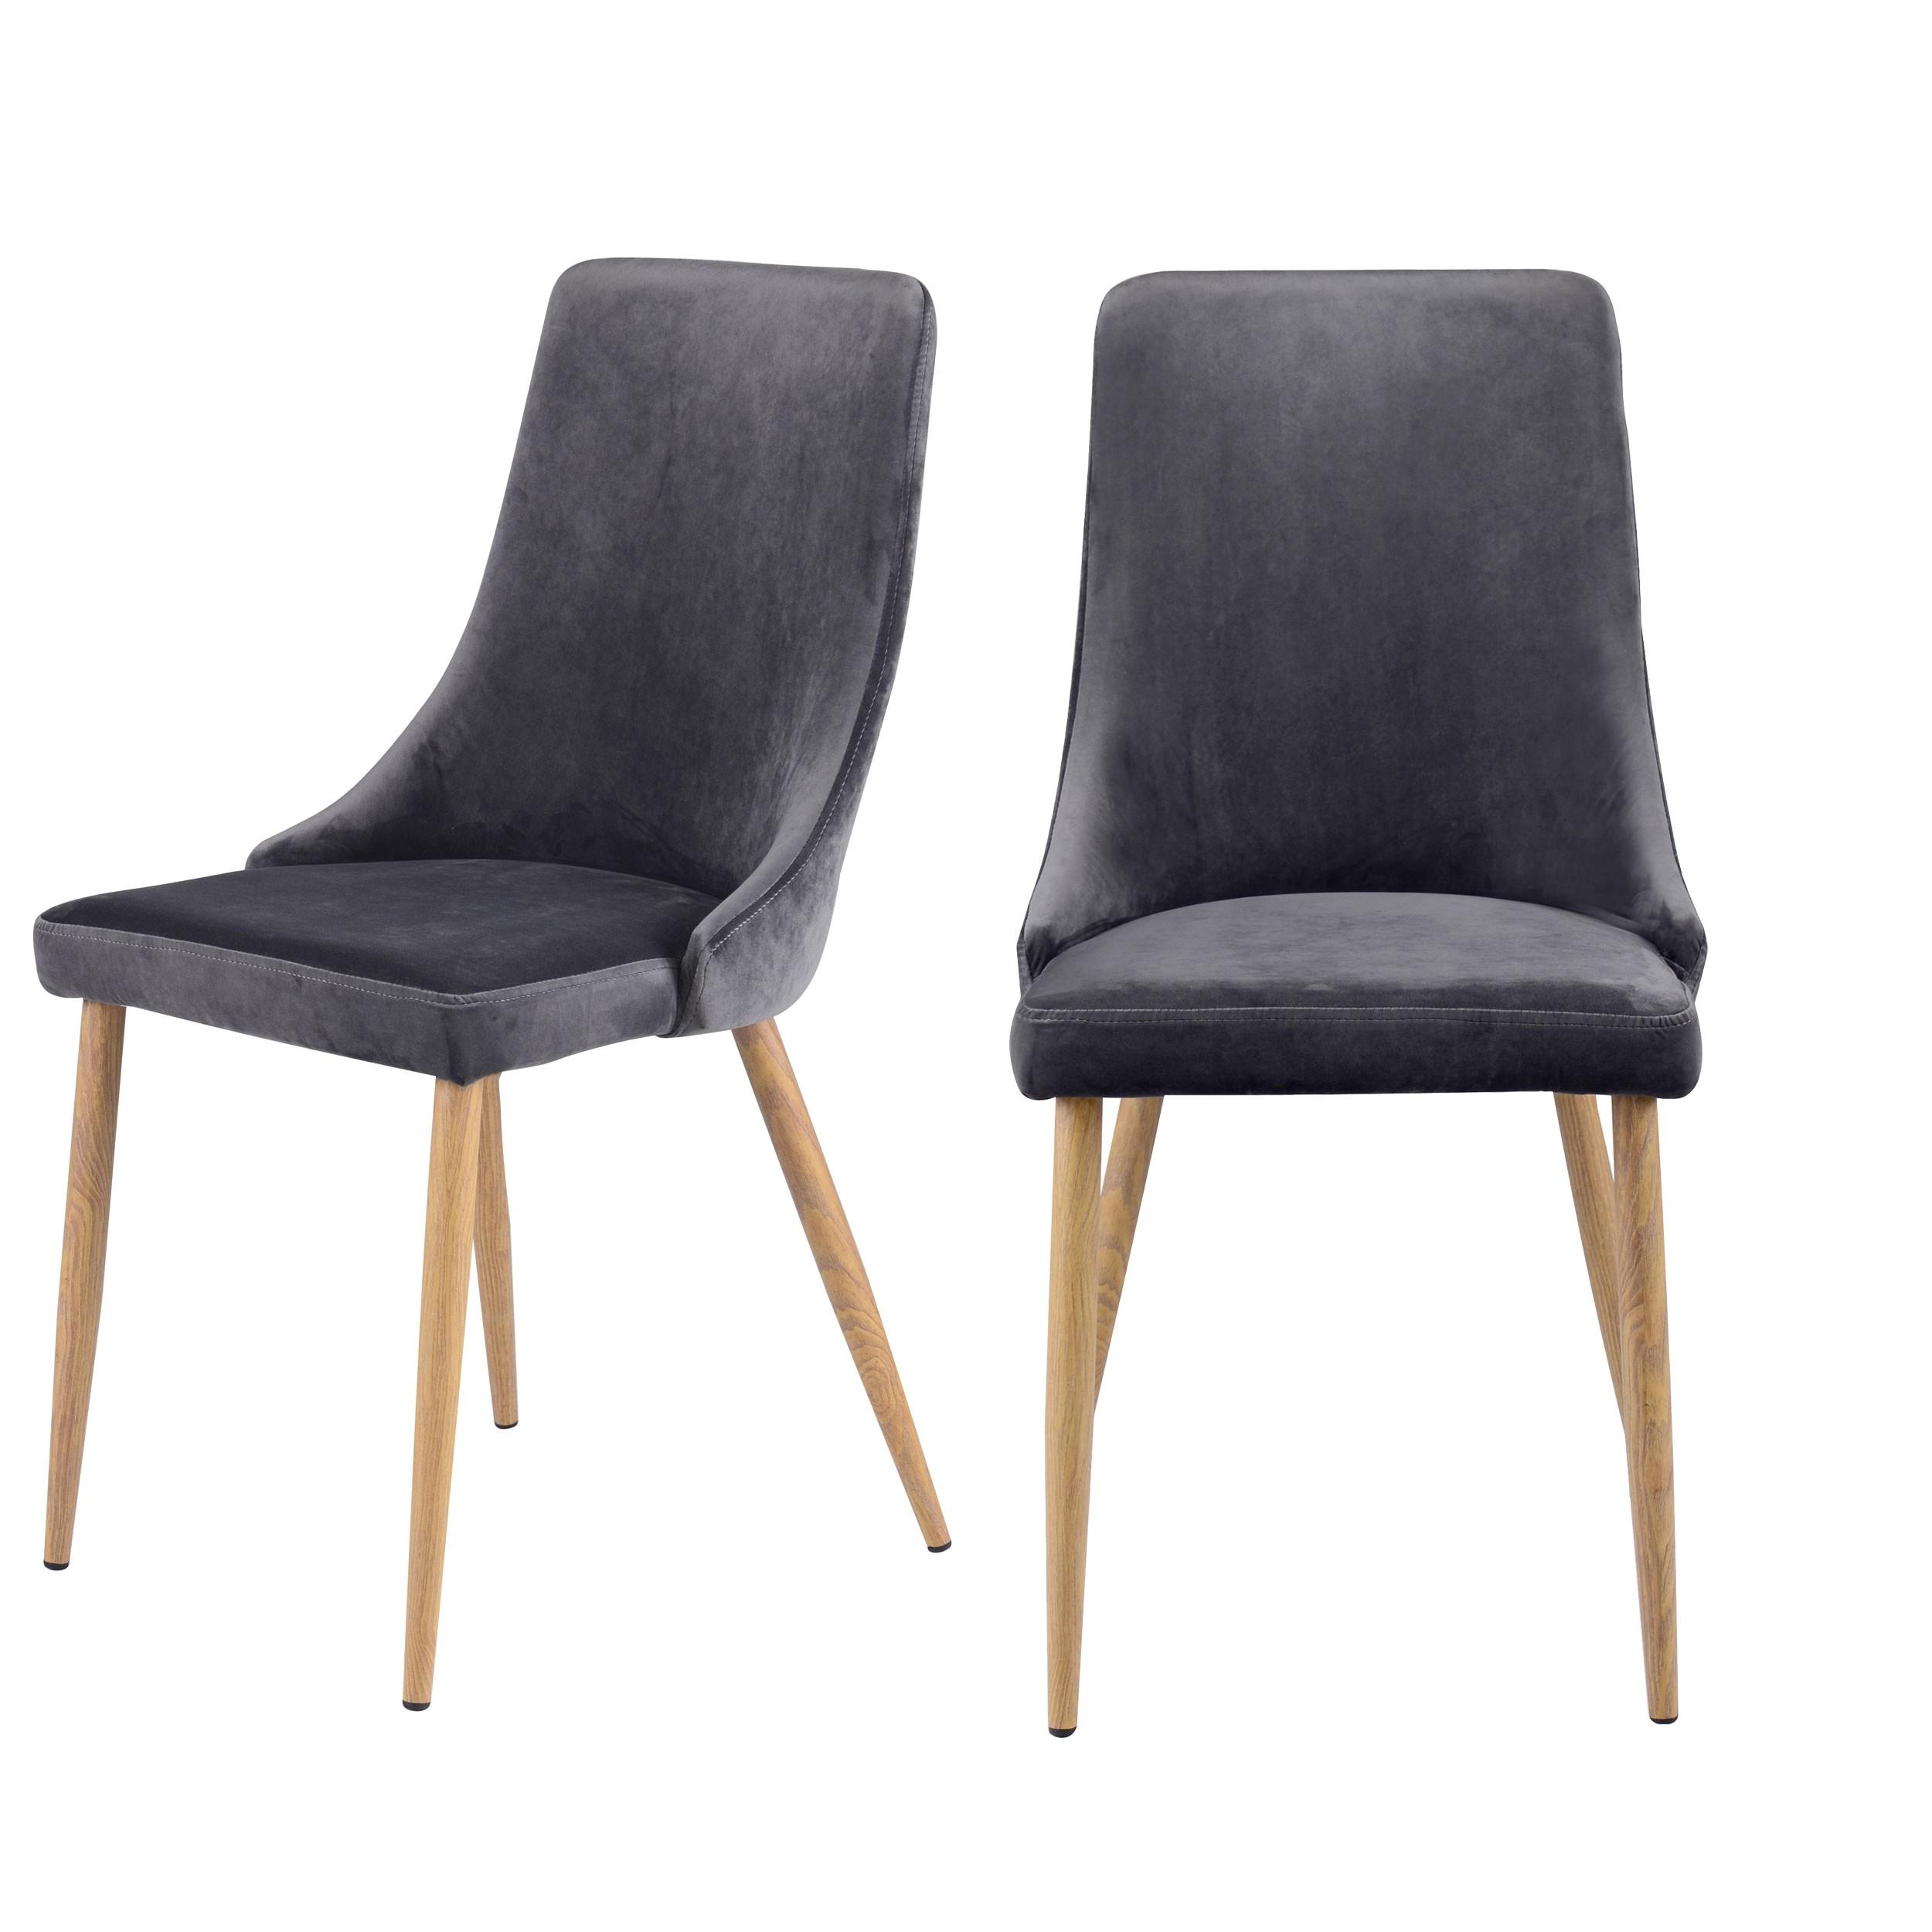 acheter chaise velours gris lot de 2